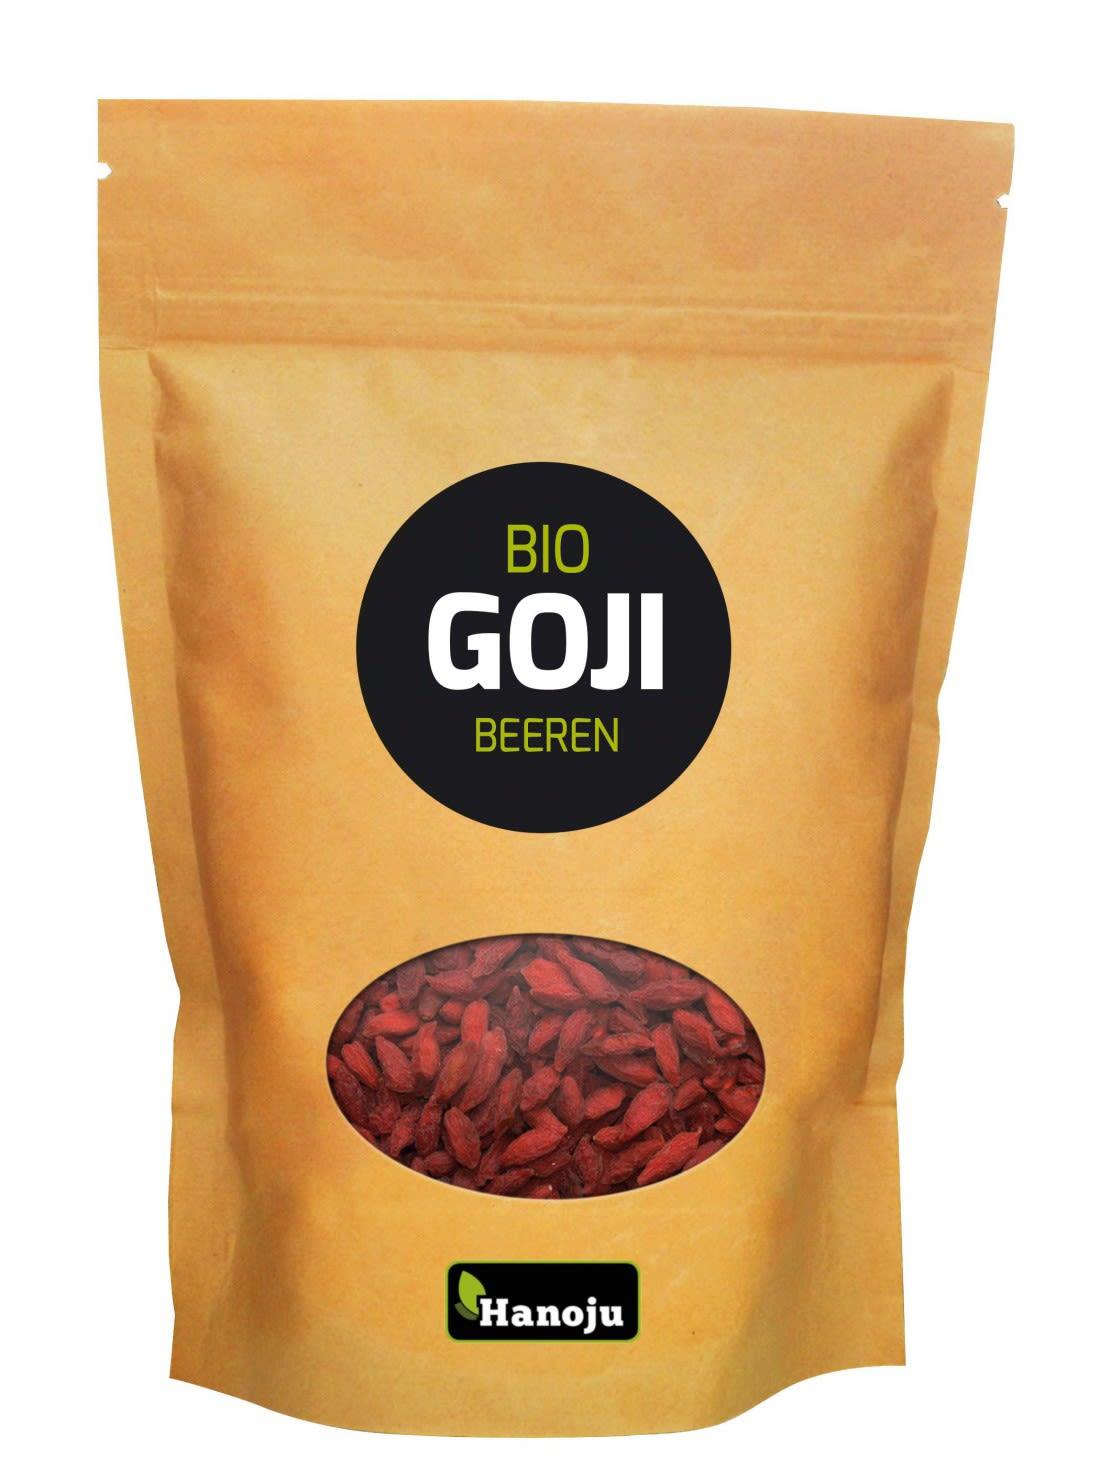 Bio Goji Beeren (1000g)